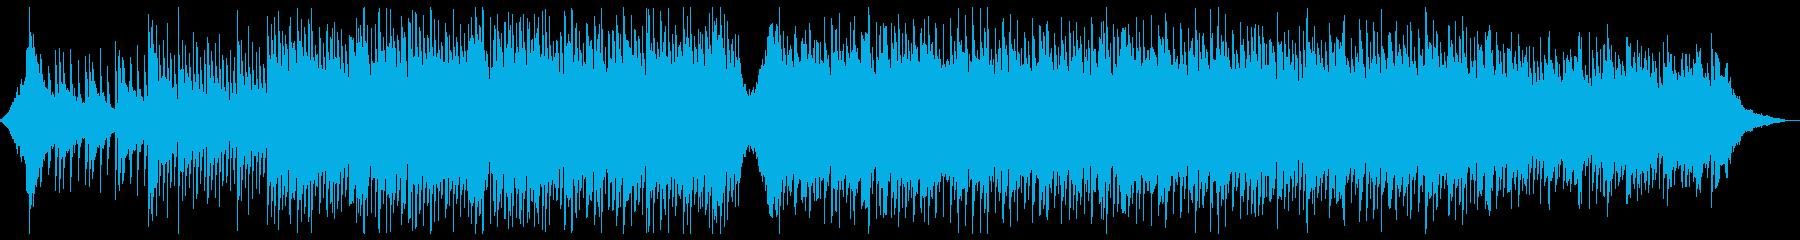 企業VP・コーポレート・前向き・メロ付の再生済みの波形